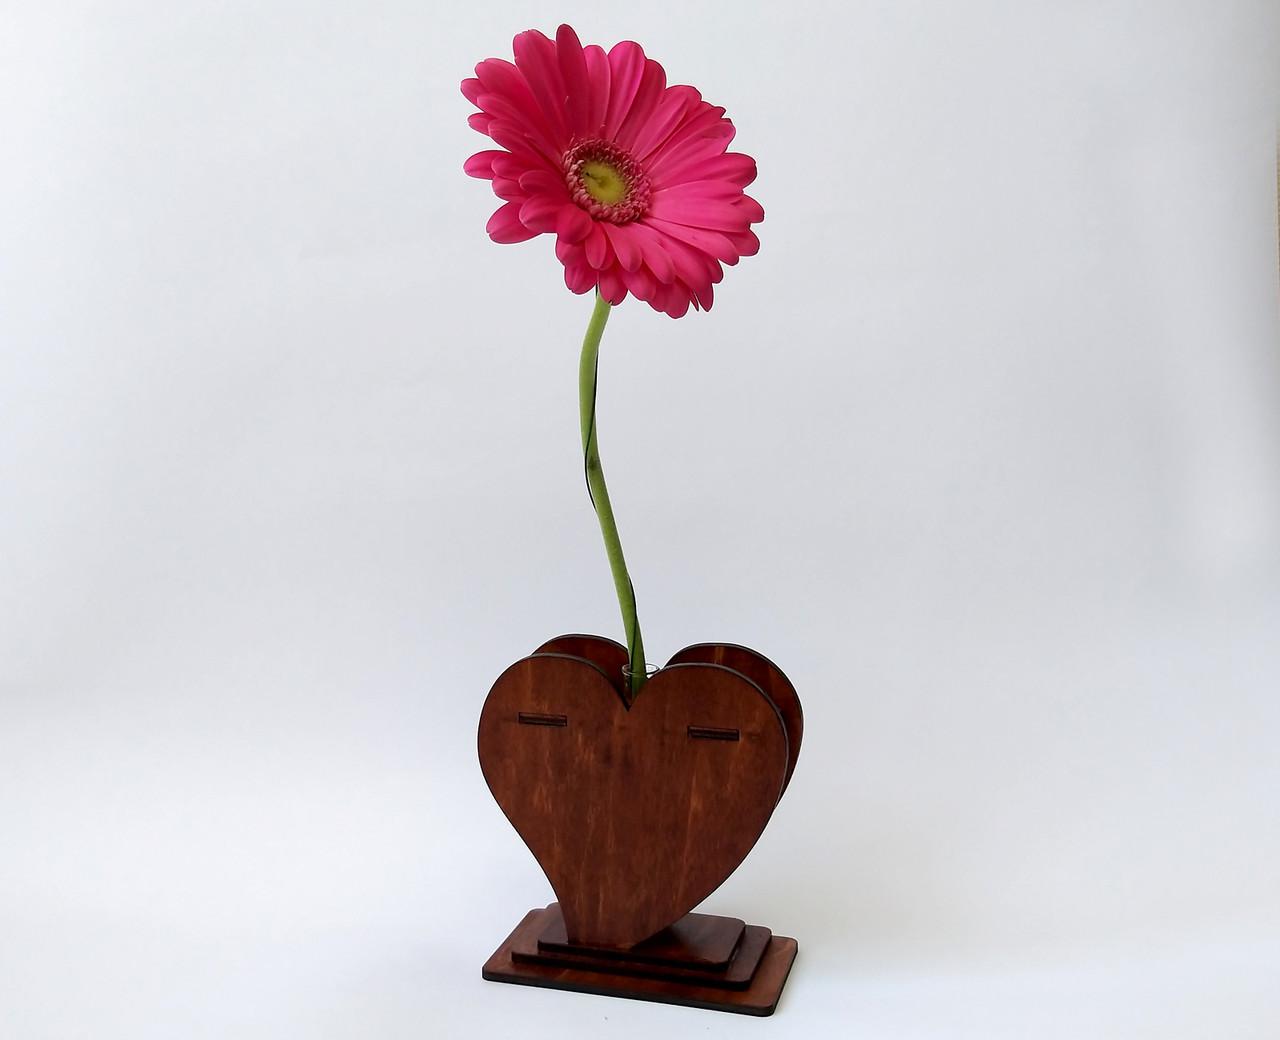 Маленька дерев'яна ваза «Любляче серце»: найкращий подарунок для коханої людини